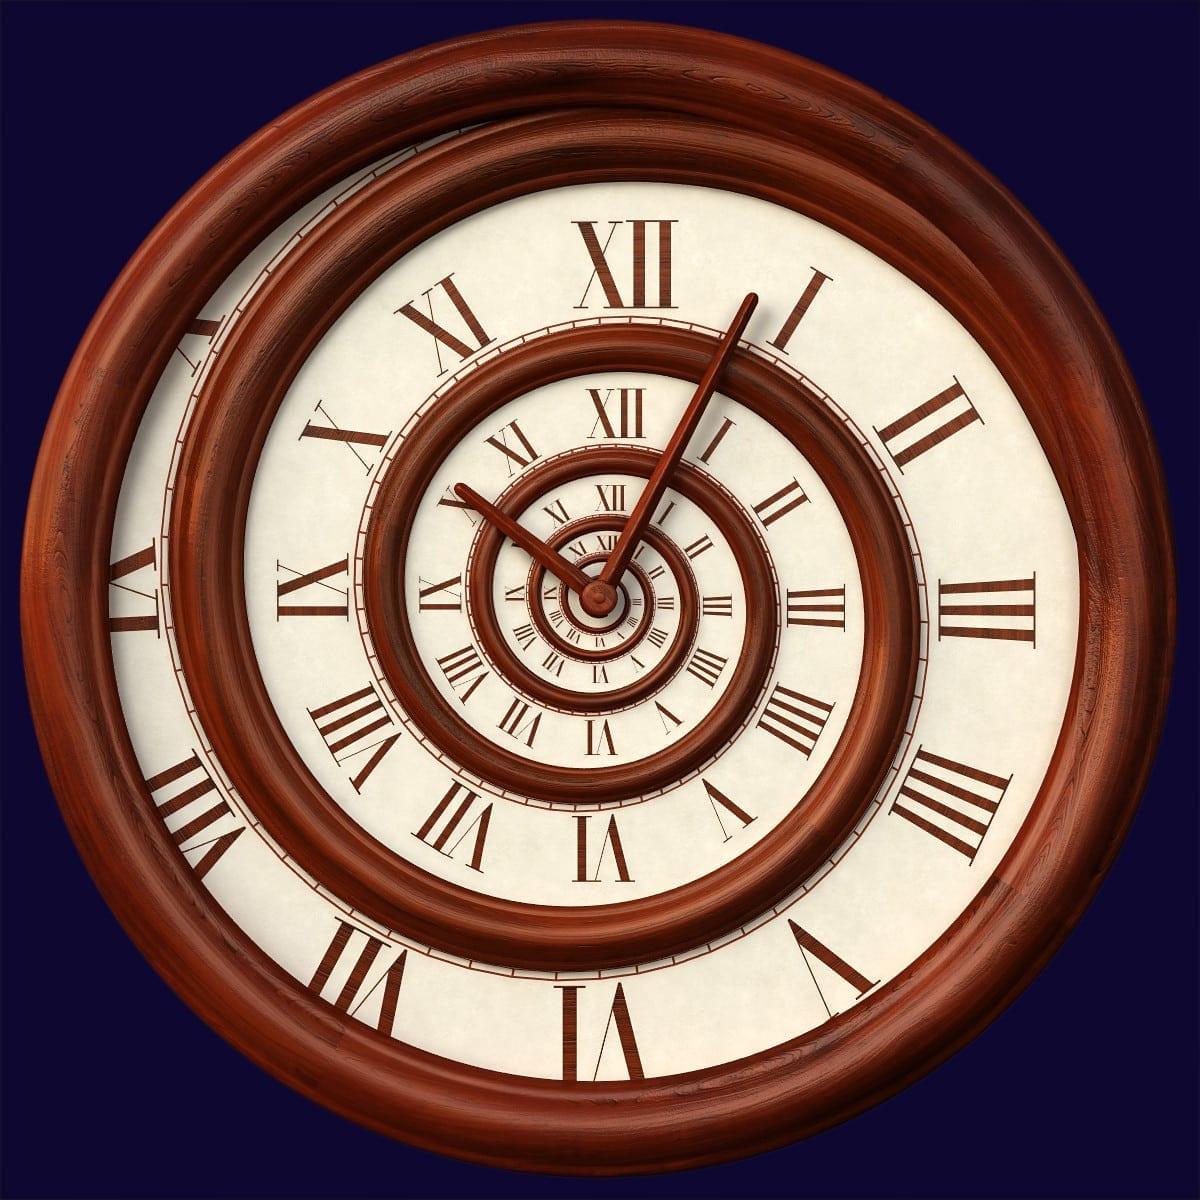 Spiral_clock_Sig_Dark.jpg6d2391da-0ad2-4d91-865c-1aecba541a32Original